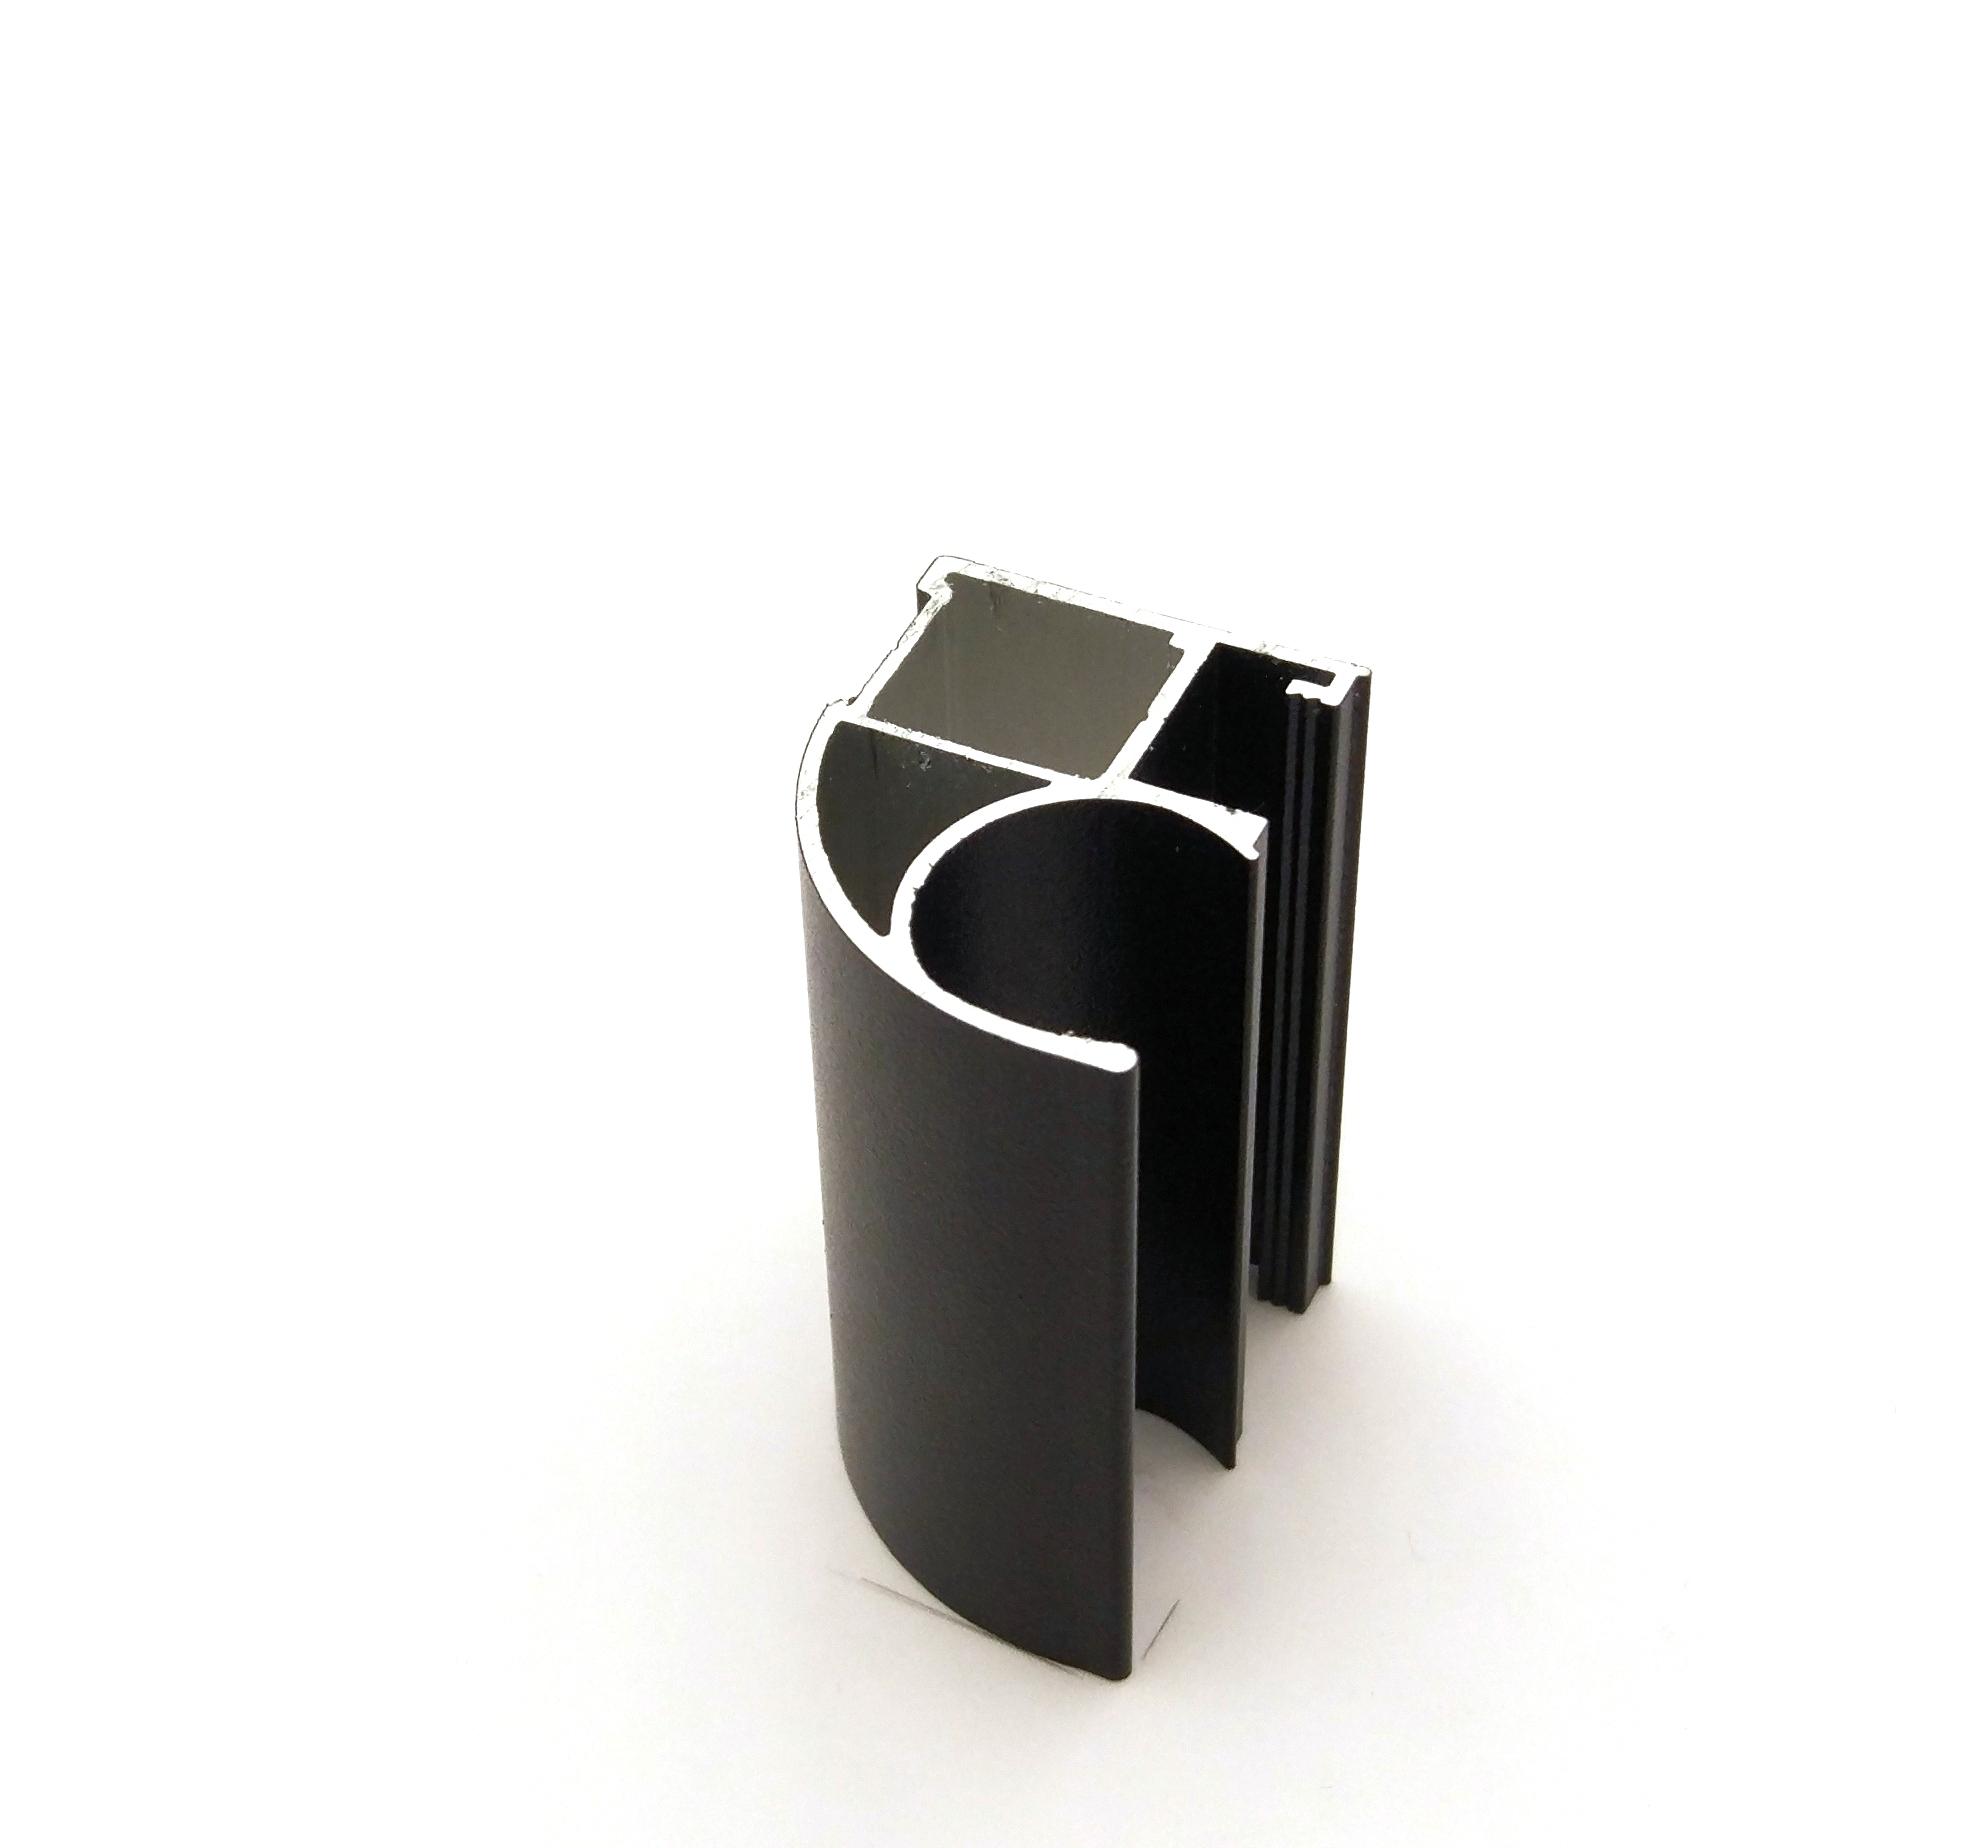 АФ Профиль вертикальный открытый MEDIUM, черный матовый, 5400мм